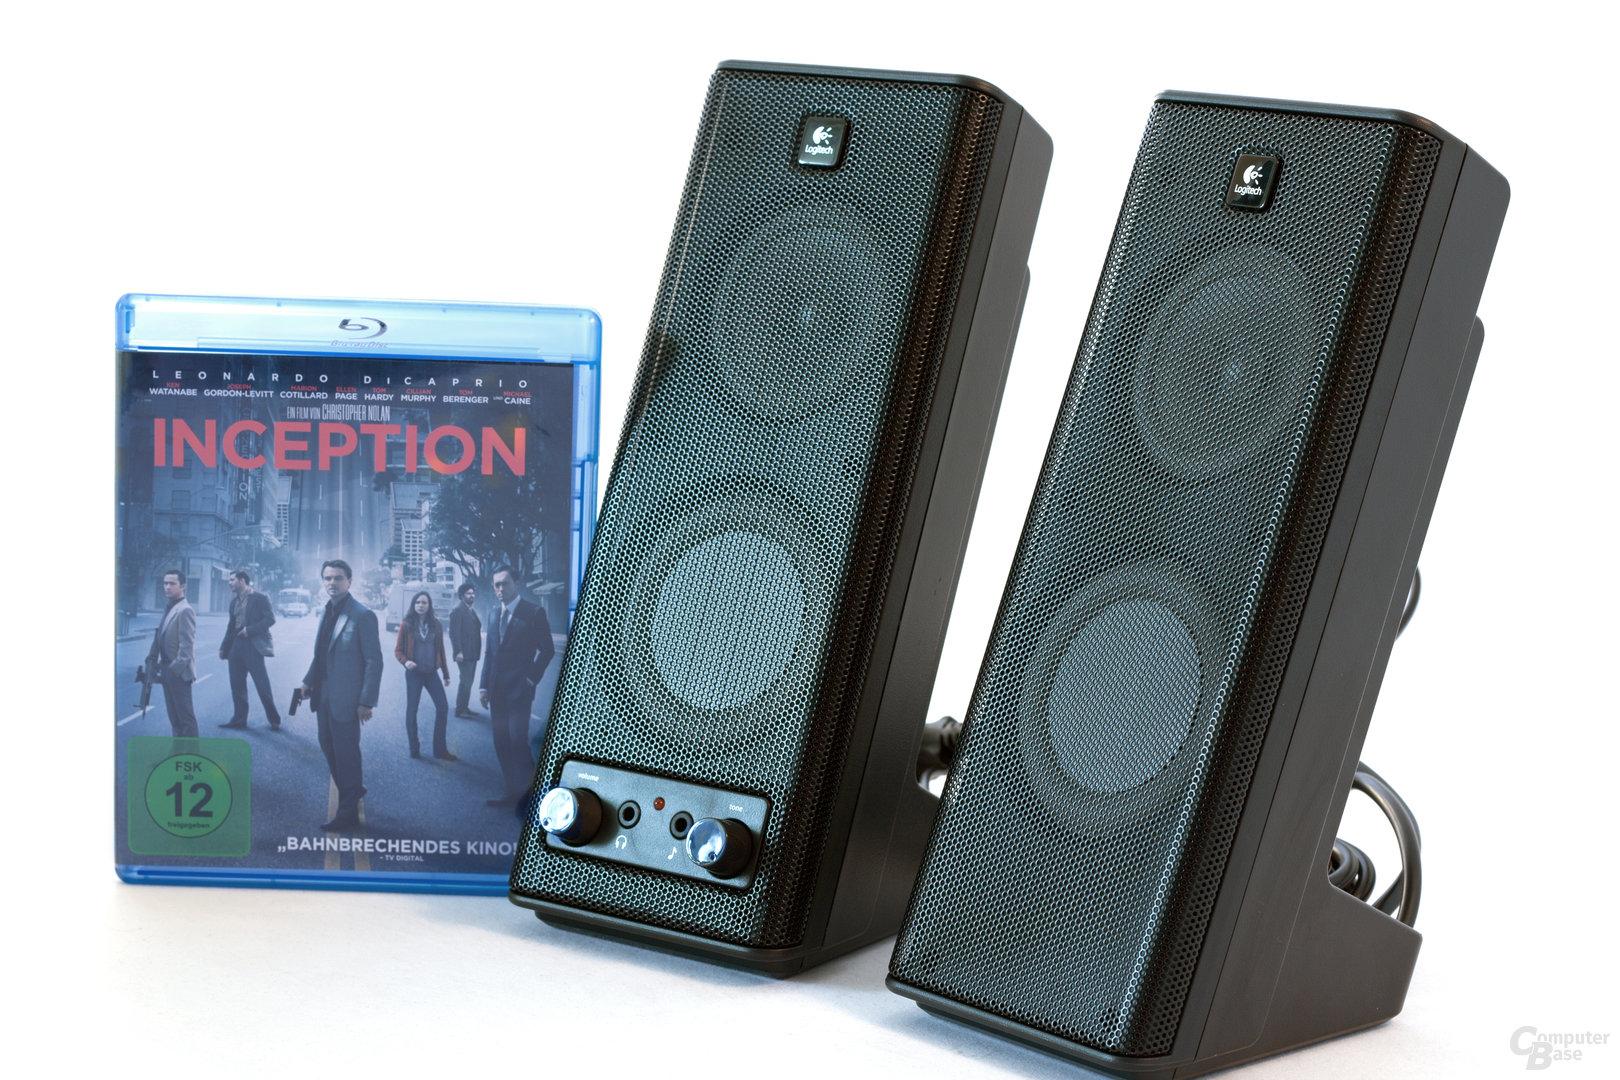 Größenvergleich mit einer Blu-ray-Box